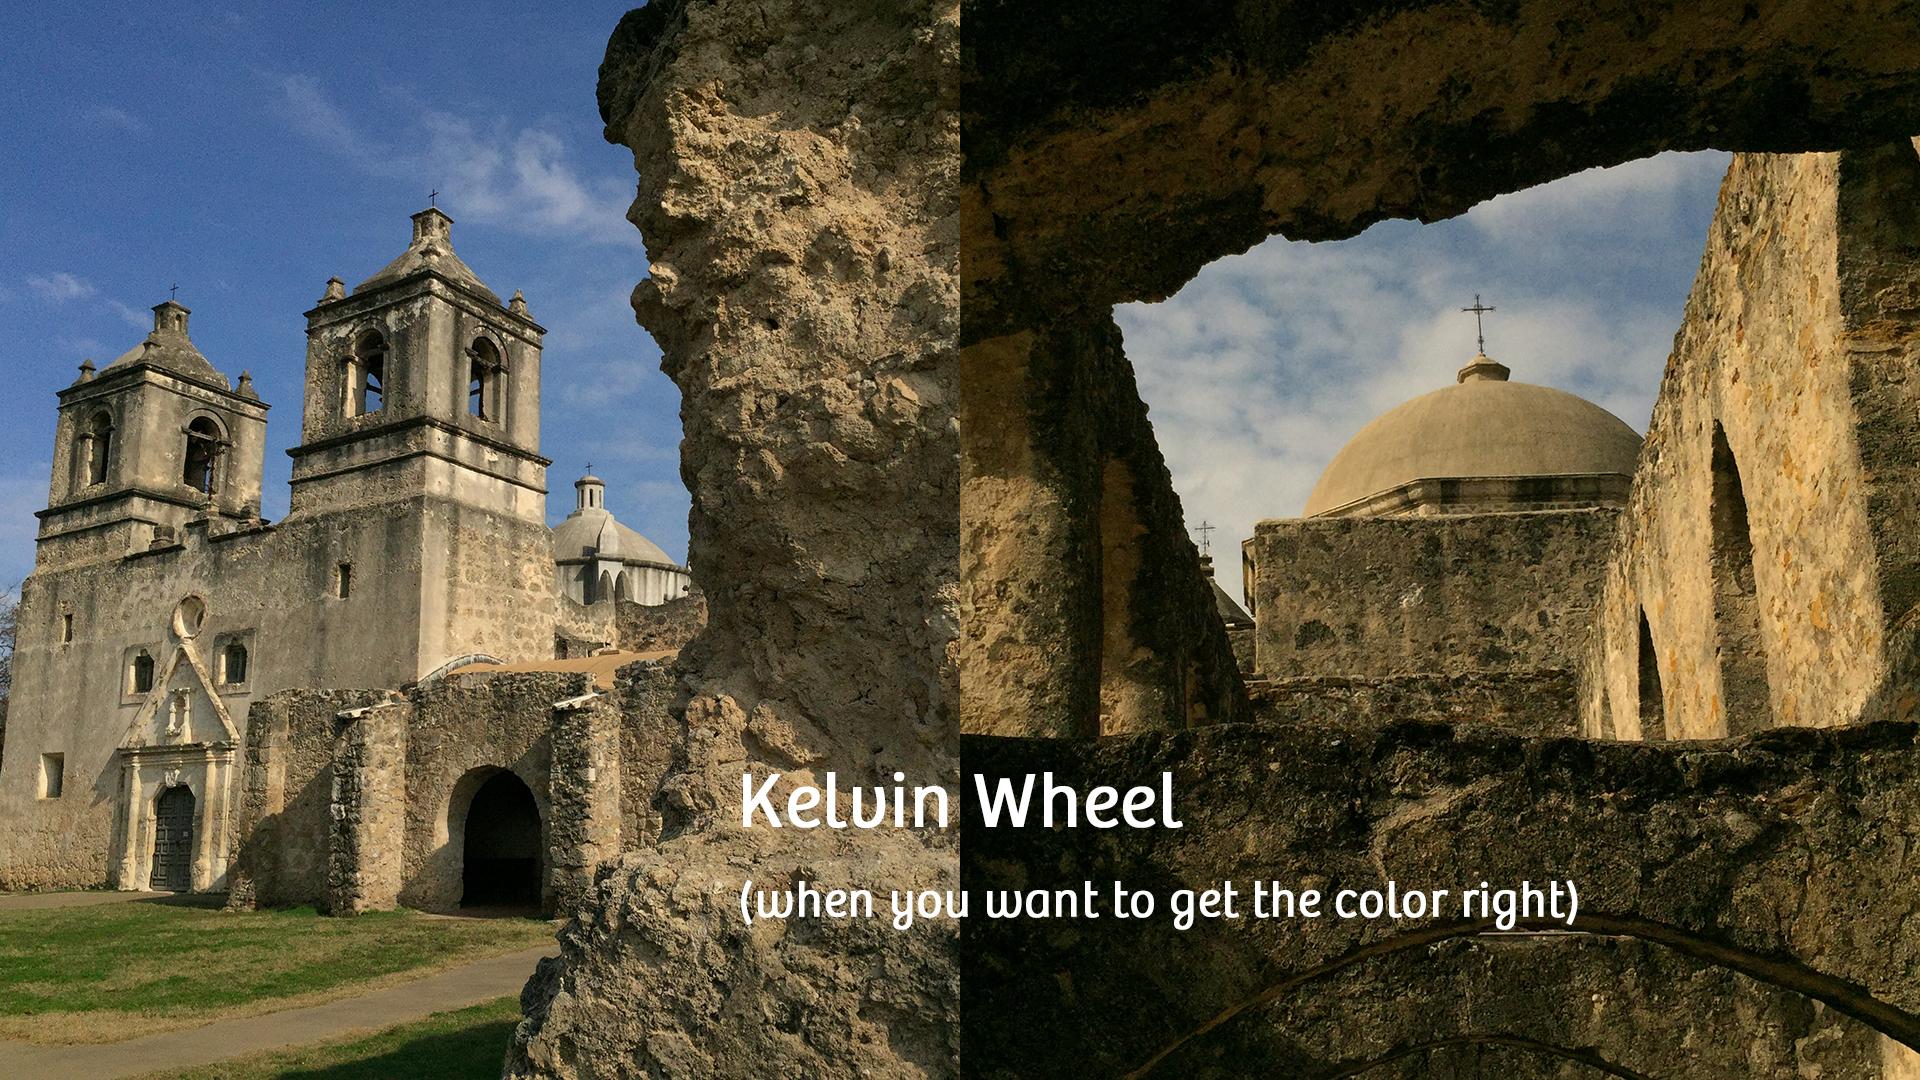 Kelvin Wheel